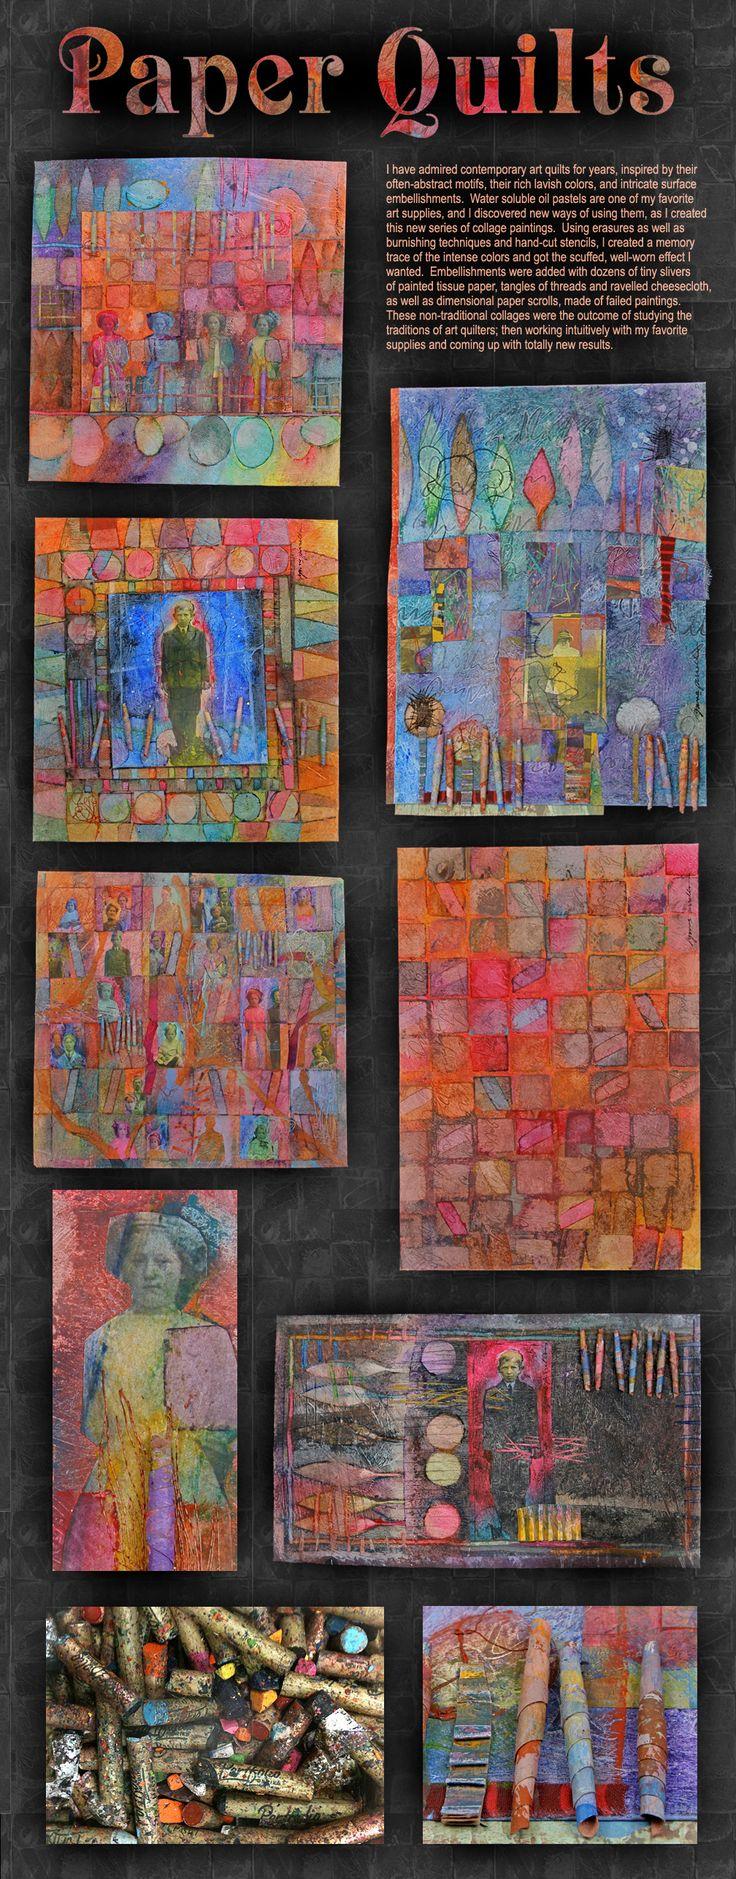 LKPerrella - Fine Art Lynne Perrella is awesome!